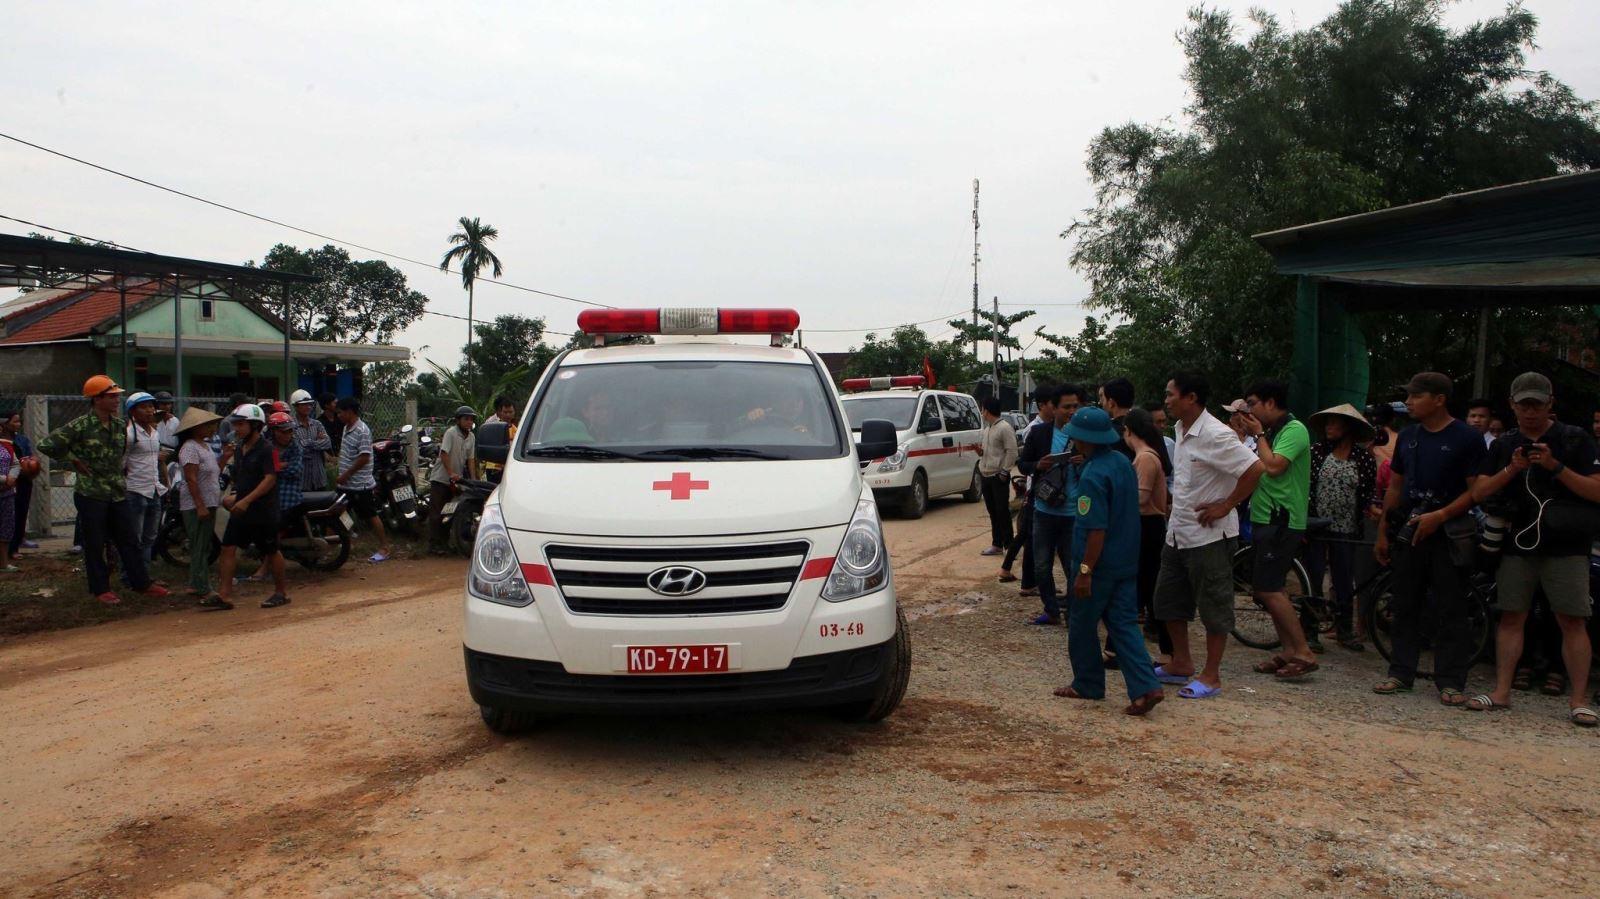 Vụ sạt lở tại Thủy điện Rào Trăng 3: Truy tặng Huy hiệu 'Tuổi trẻ dũng cảm' cho hai chiến sĩ hy sinh trong khi làm nhiệm vụ tìm kiếm cứu nạn